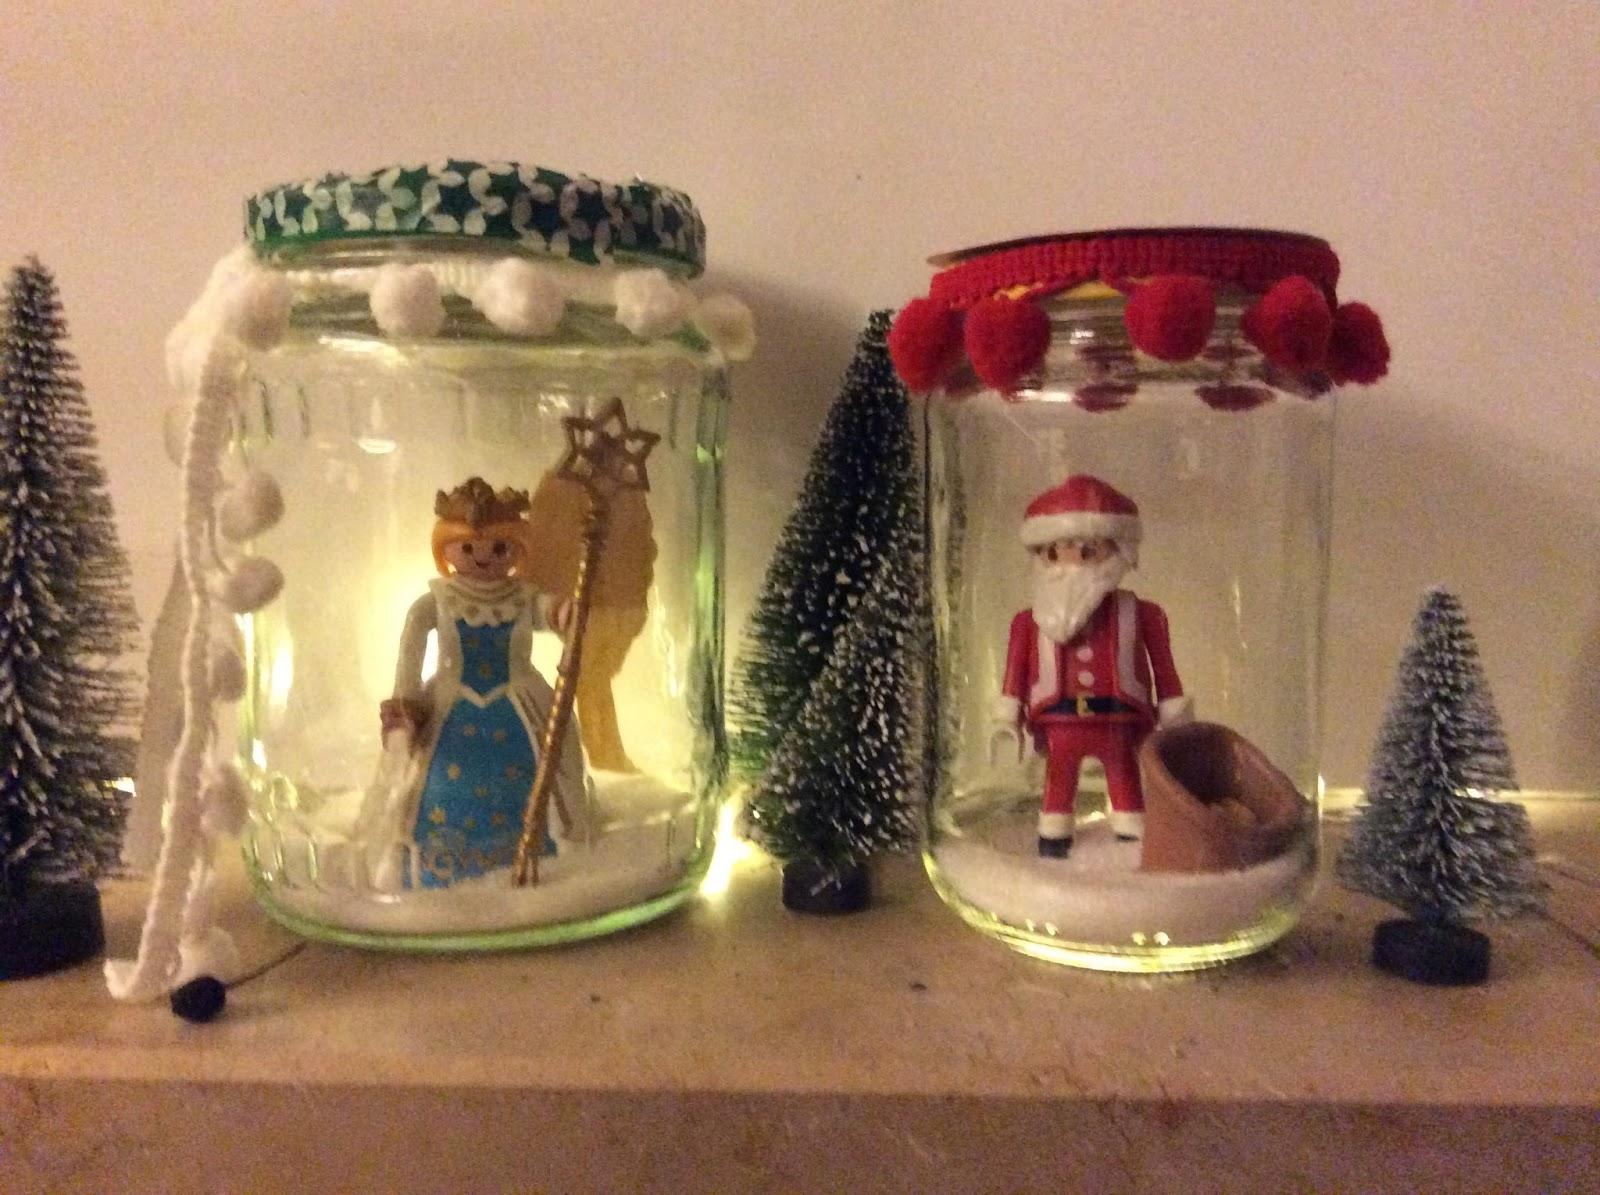 Birgit schreibt diy weihnachtsdeko for Weihnachtsdeko im glas mit lichterkette